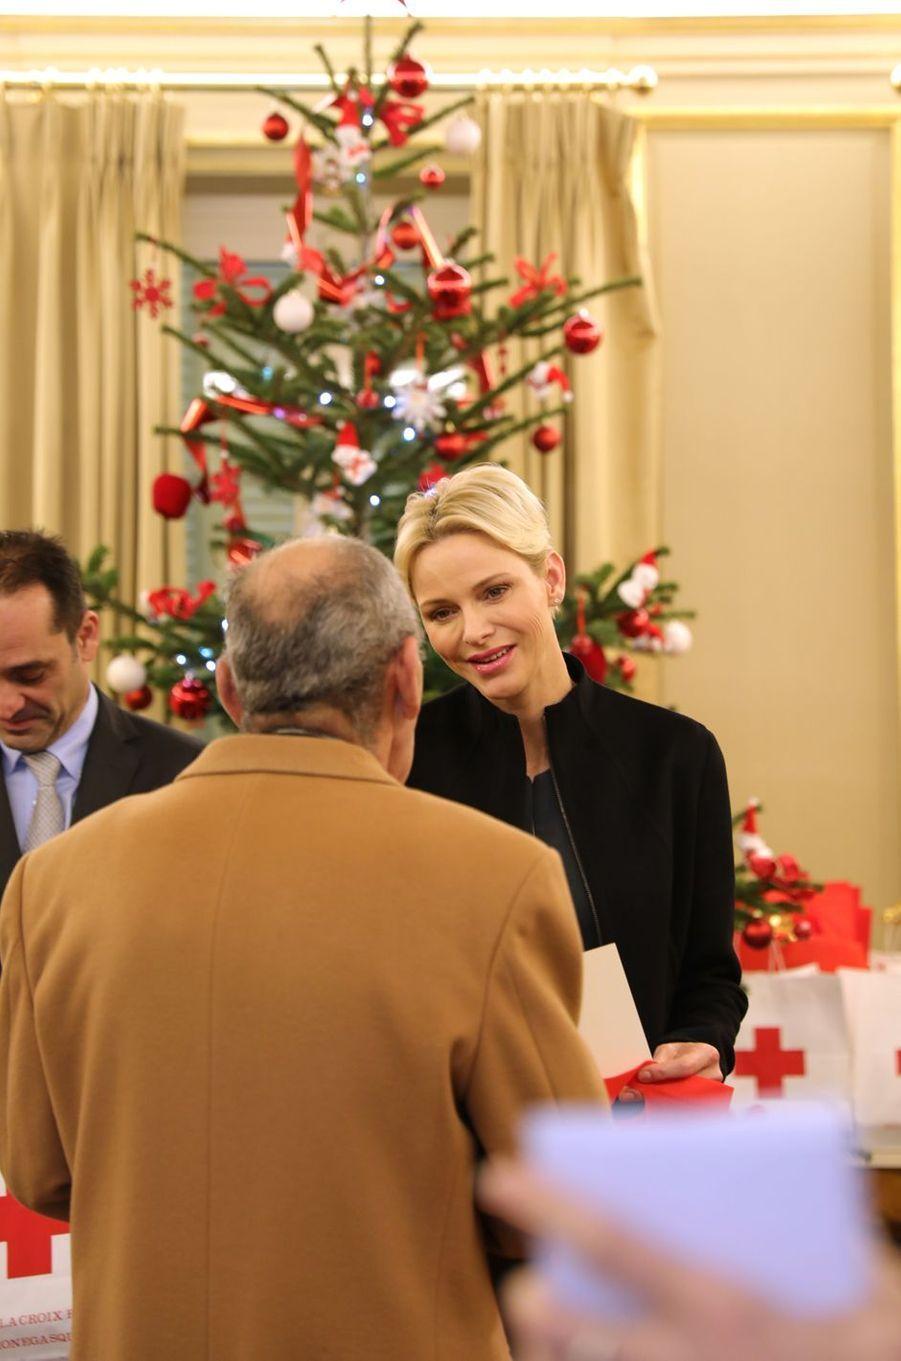 La princesse Charlène de Monaco distribue des cadeaux de Noël aux anciens à Monaco, le 15 décembre 2017